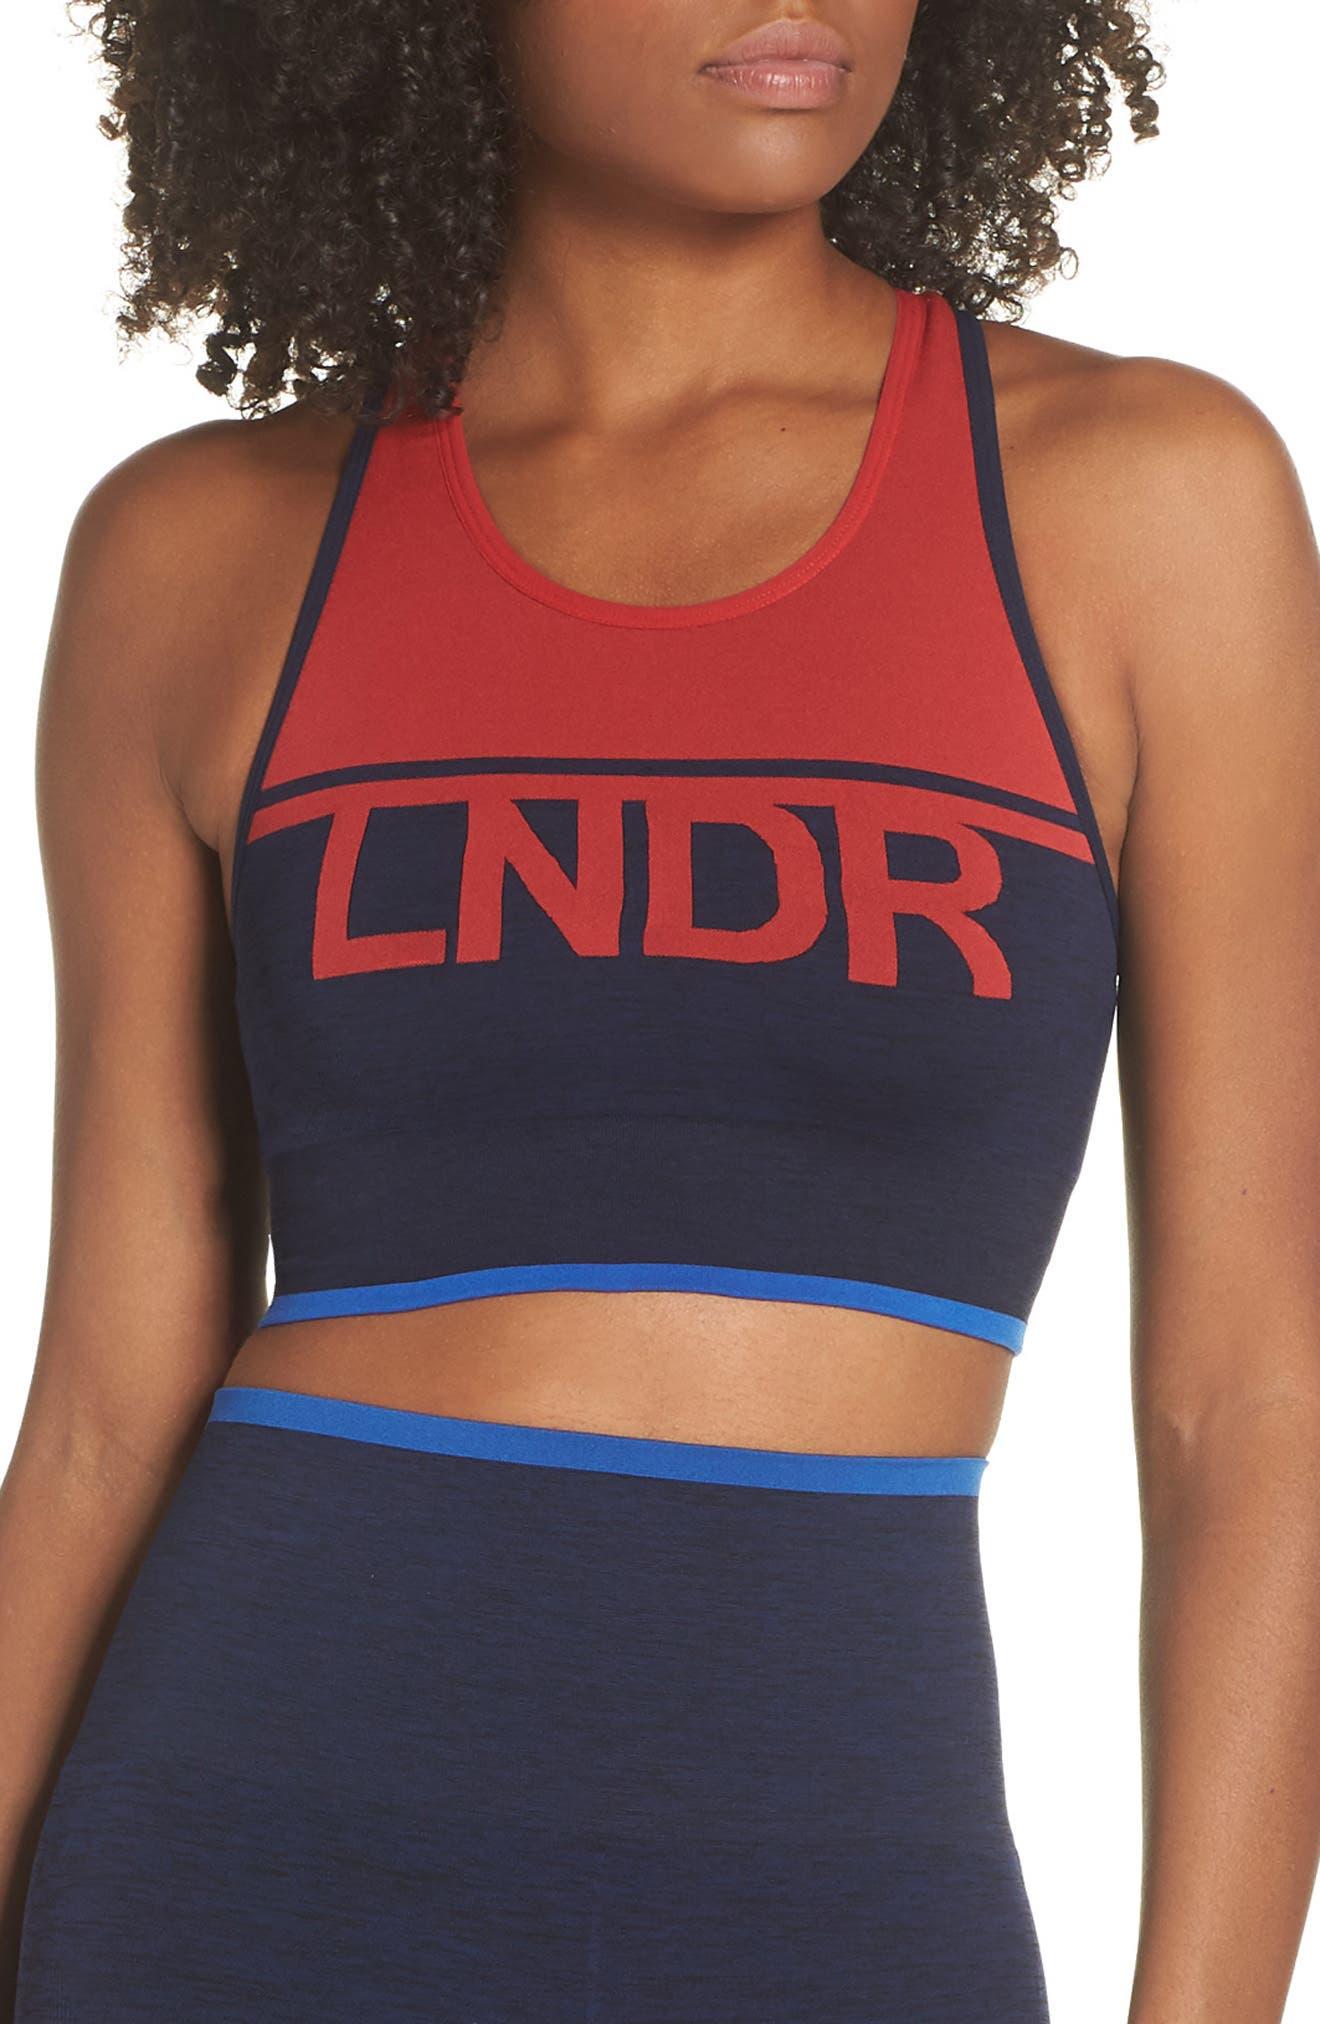 Lndr A-Team Sports Bra, Blue